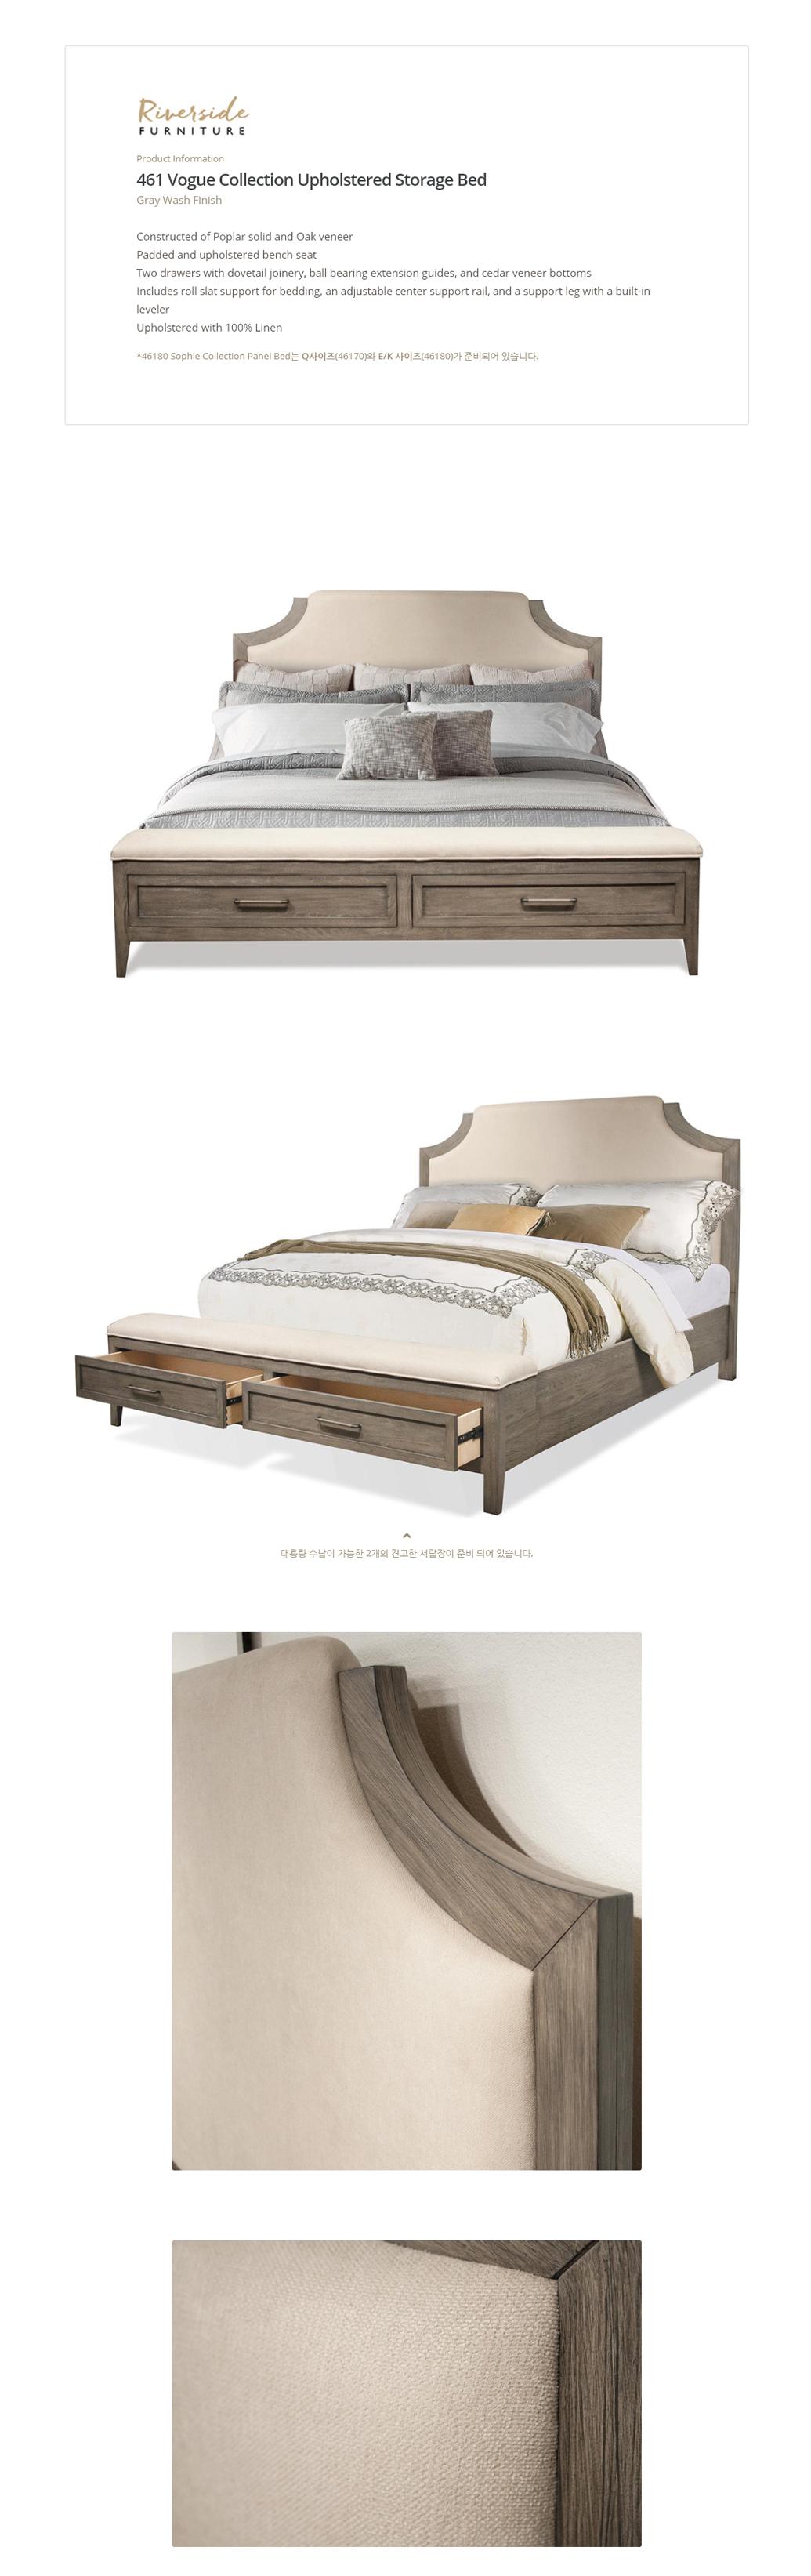 461_vogue_upholstered_bedroomset_02.jpg